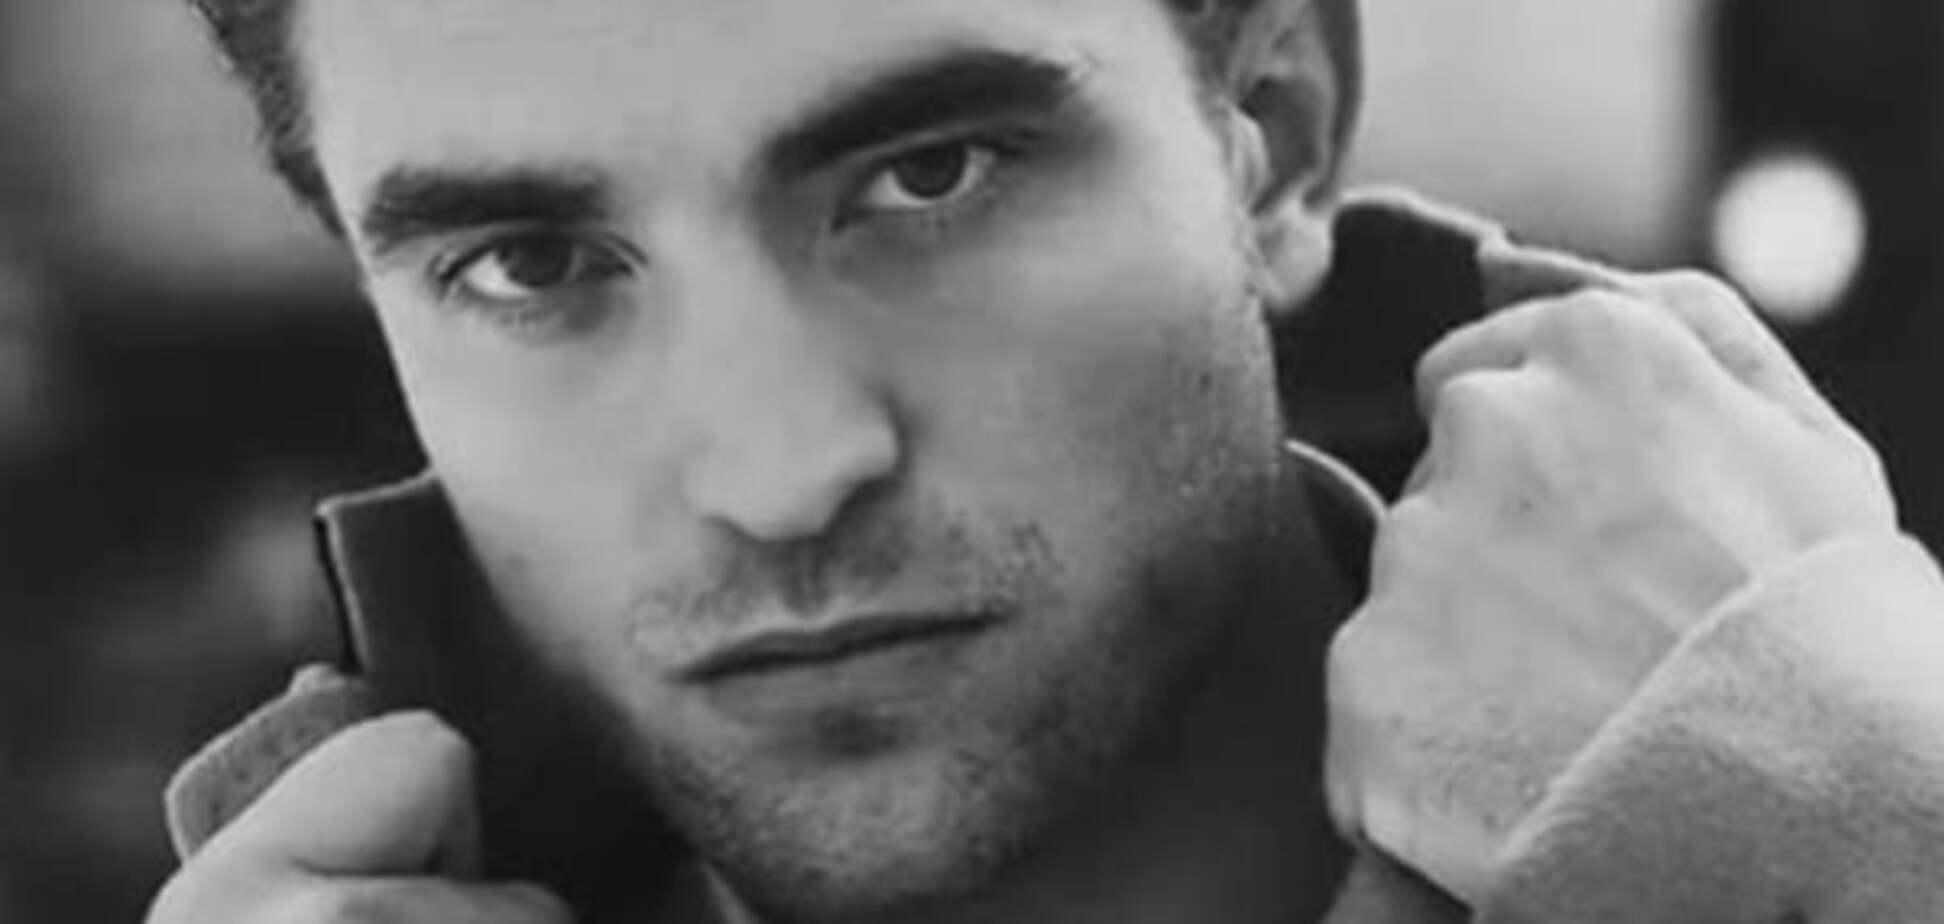 Роберт Паттинсон снялся в стильной рекламе Dior: видеофакт